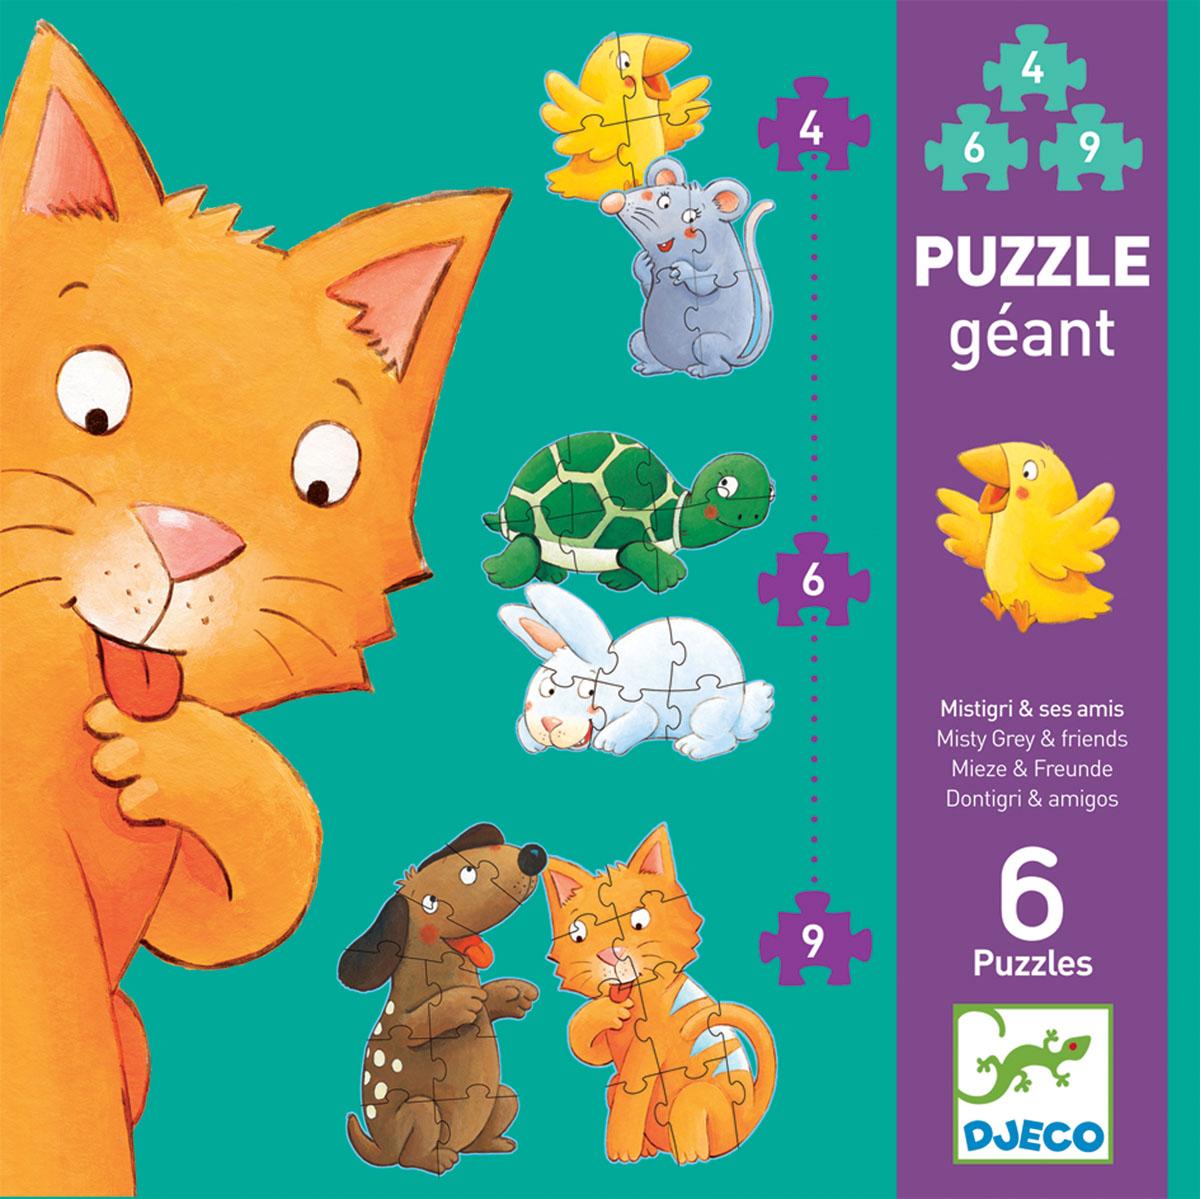 Djeco Пазл для малышей Мистигри и его друзья07113Пазл позволит ребенку познакомиться с забавным котенком и его веселыми друзьями: собачкой, черепашкой, зайчиком, мышонком и цыпленком. Картинки отличаются уровнем сложности. В самых простых всего 4 элемента, в более сложных - 6 и 9 элементов. Складывание пазлов - отличное занятие для детей, развивающее внимательность, мелкую моторику рук, воображение, логическое мышление, зрительное восприятие, усидчивость. В наборе 3 пары пазлов по 4, 6, 9 элементов